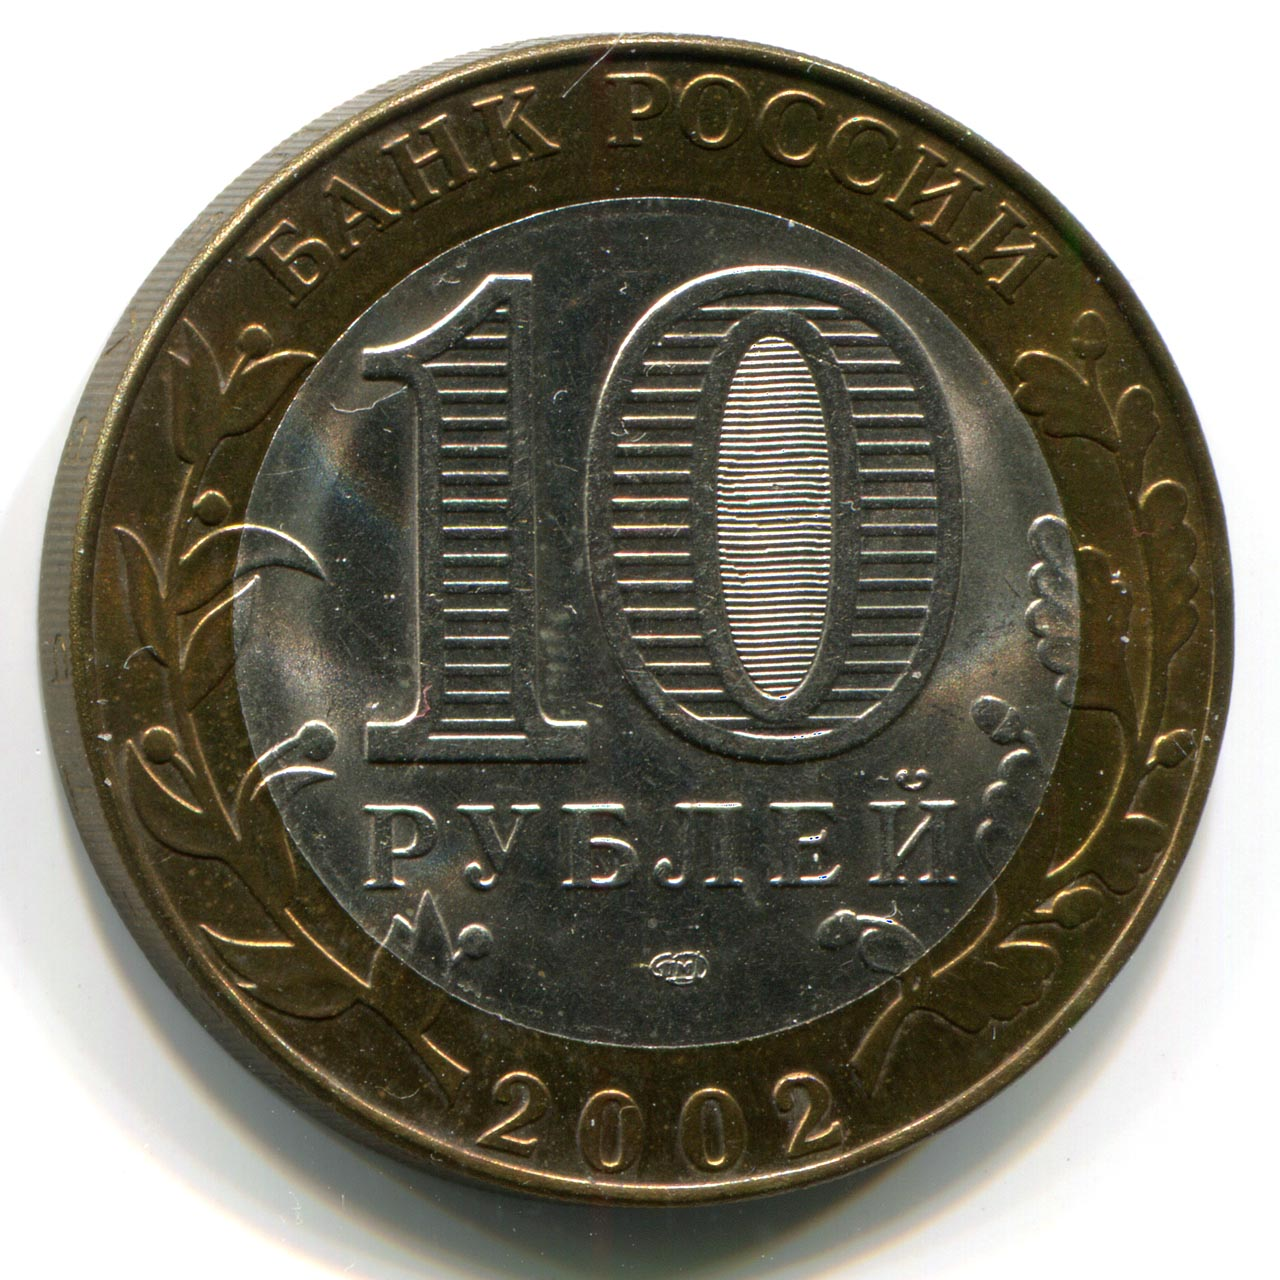 10 рублей 2002 года каталог альбомов под монеты